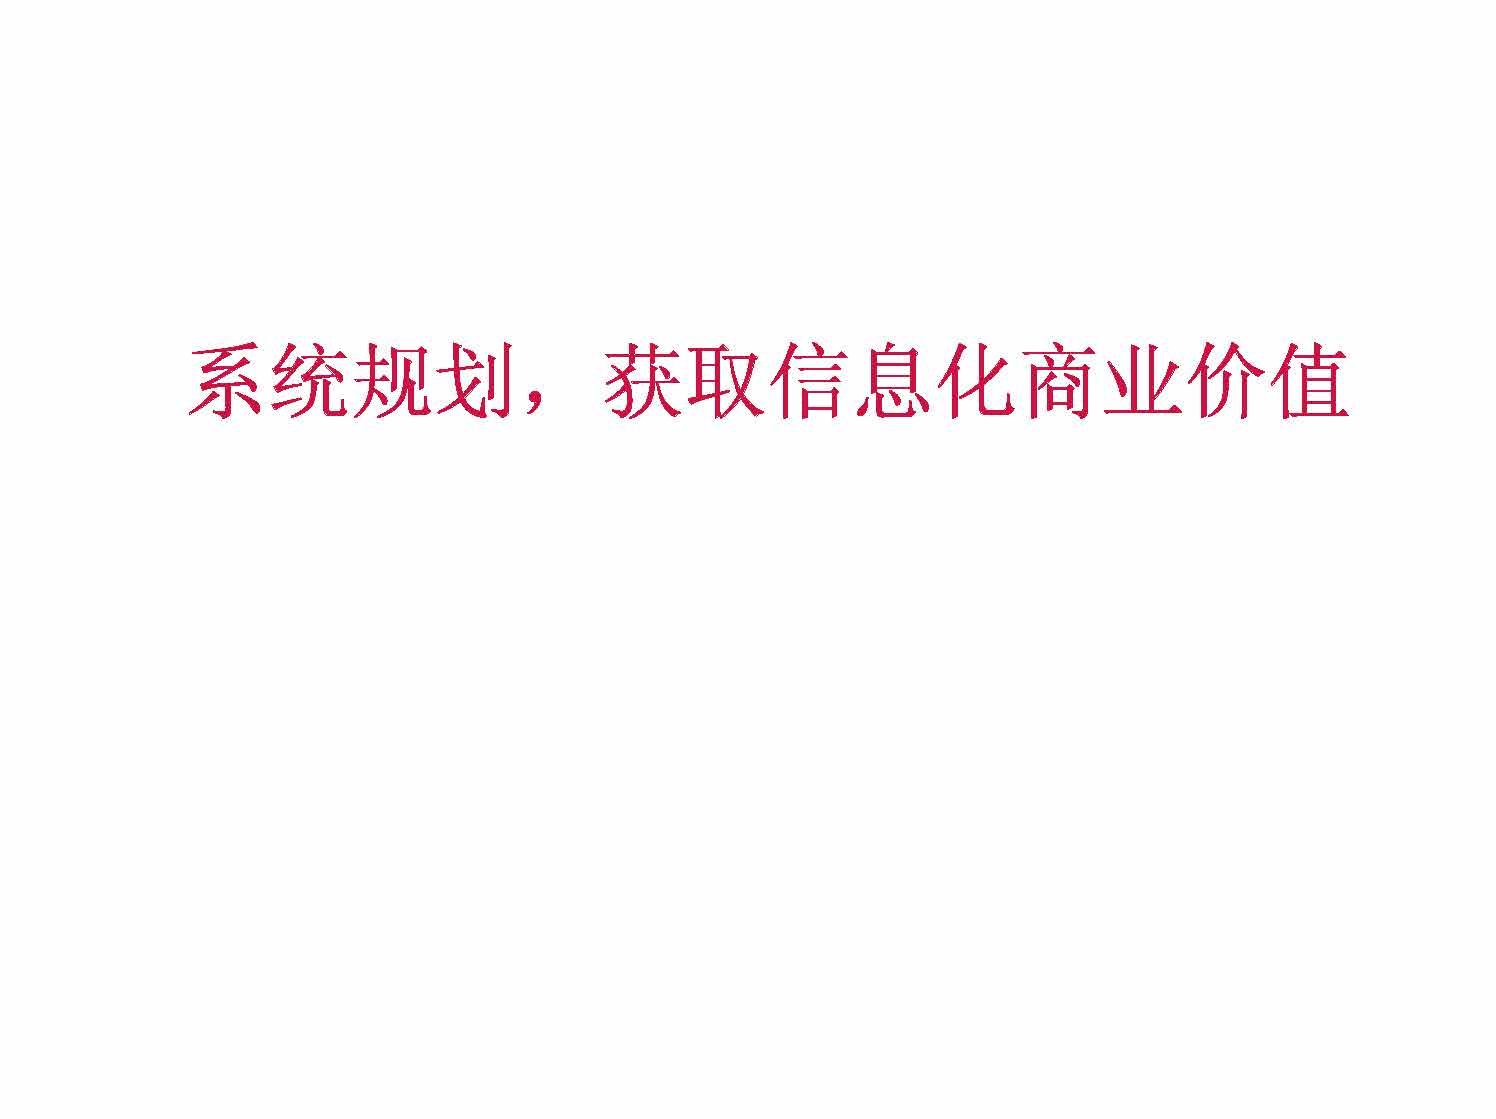 李航-系统规划获取信息化商业价值